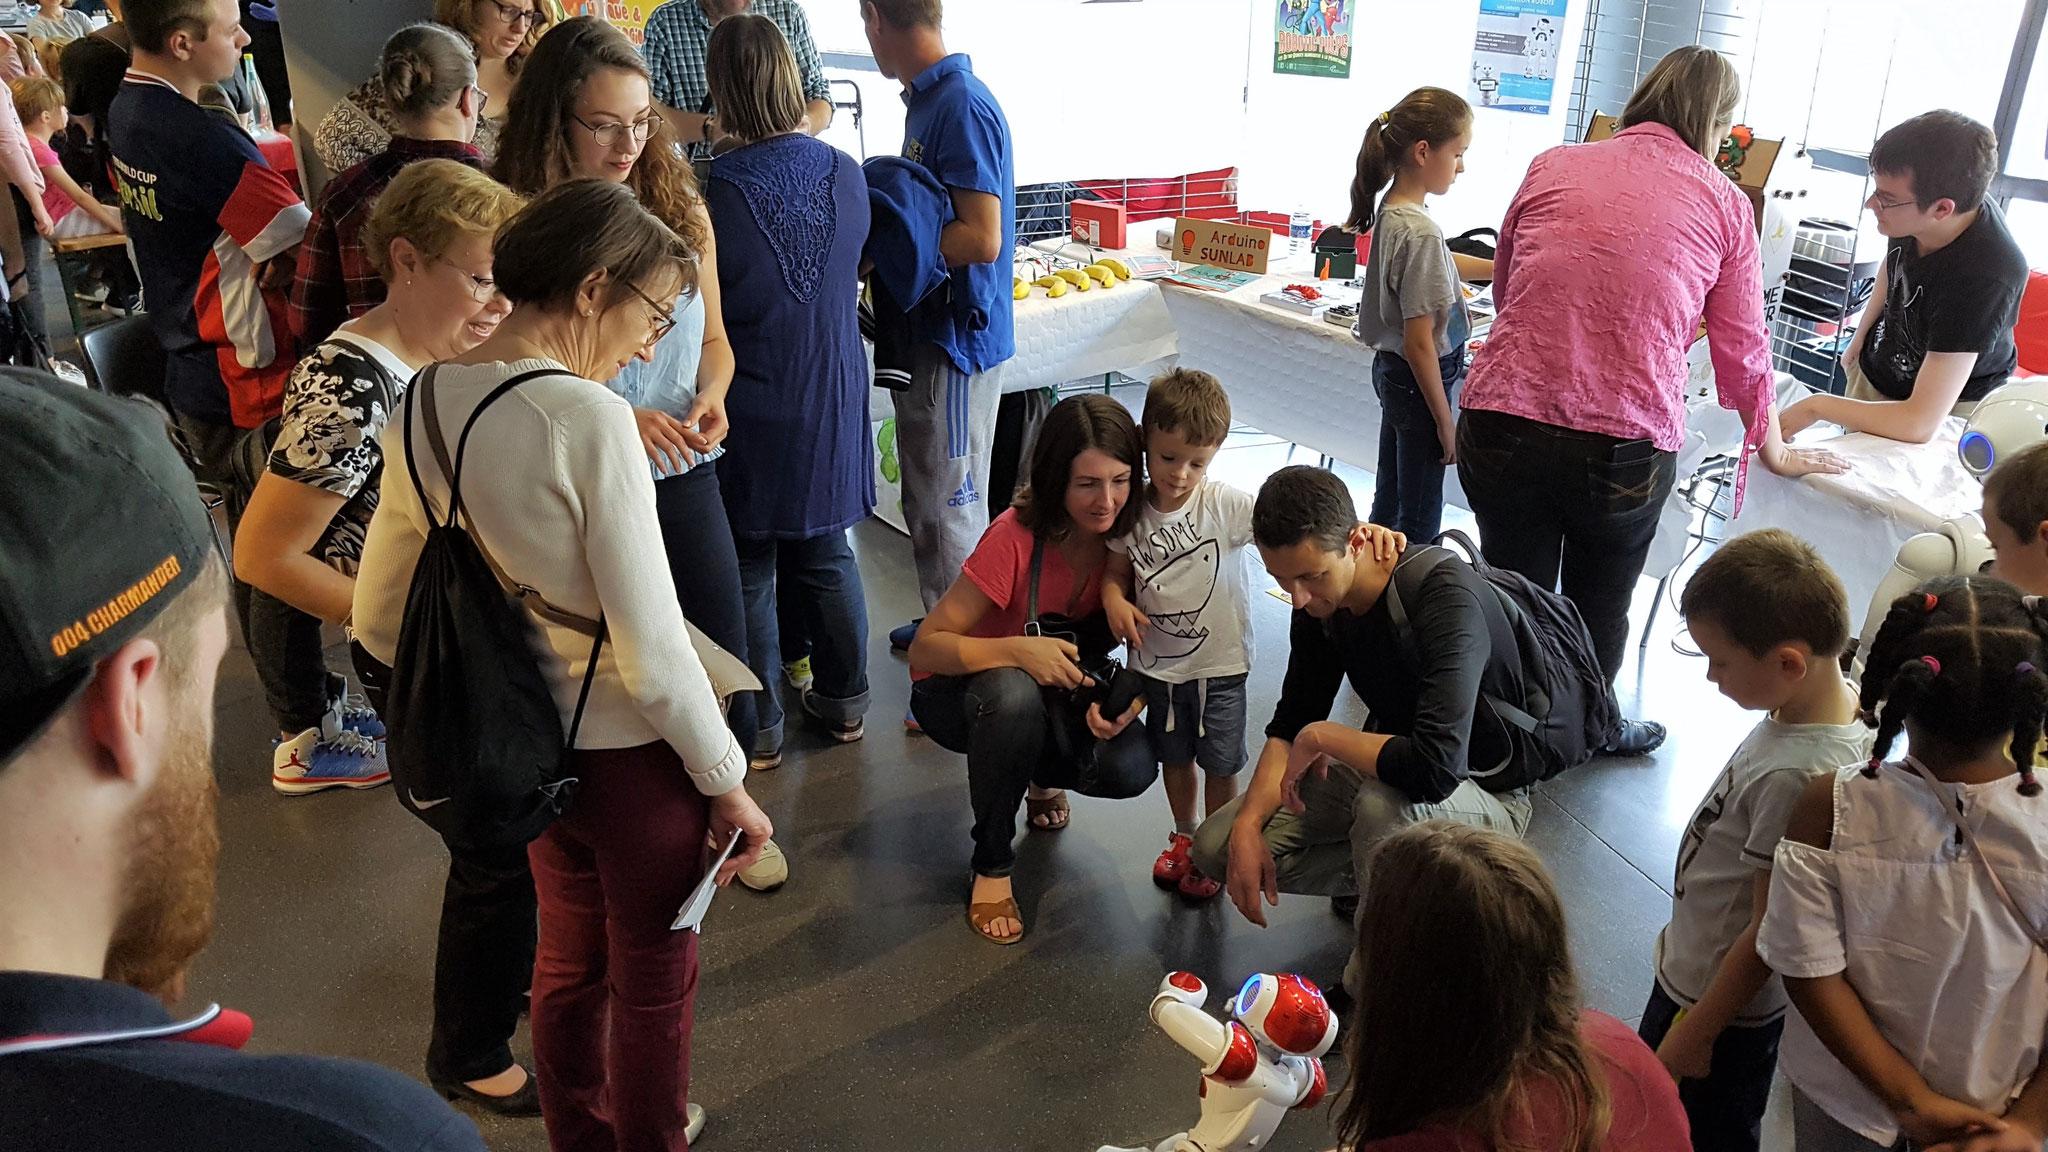 INSTITUT DES SCIENCES ET TECHNIQUES DES YVELINES - Fête de la Science 2018 à Vélizy-Villacoublay à L'Onde – Théâtre Centre d'art.